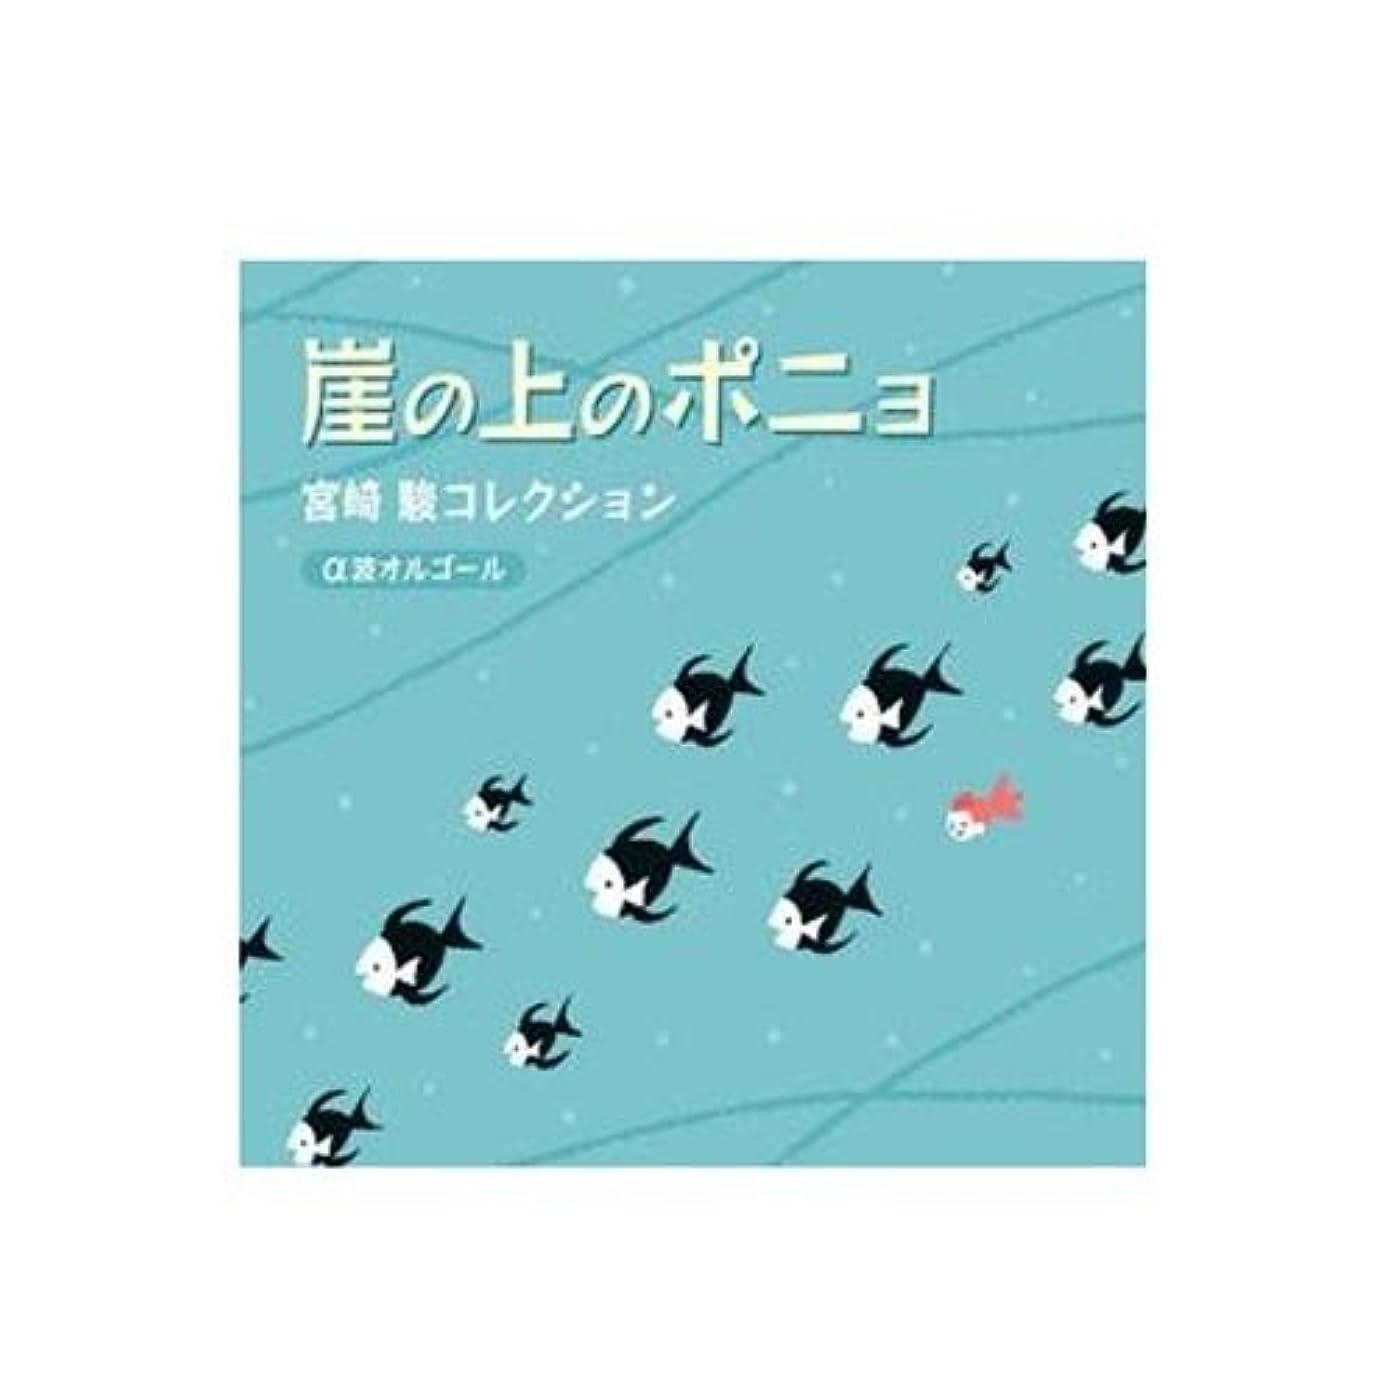 確認してください矢じりビザ崖の上のポニョ?宮崎 駿コレクション α波オルゴール